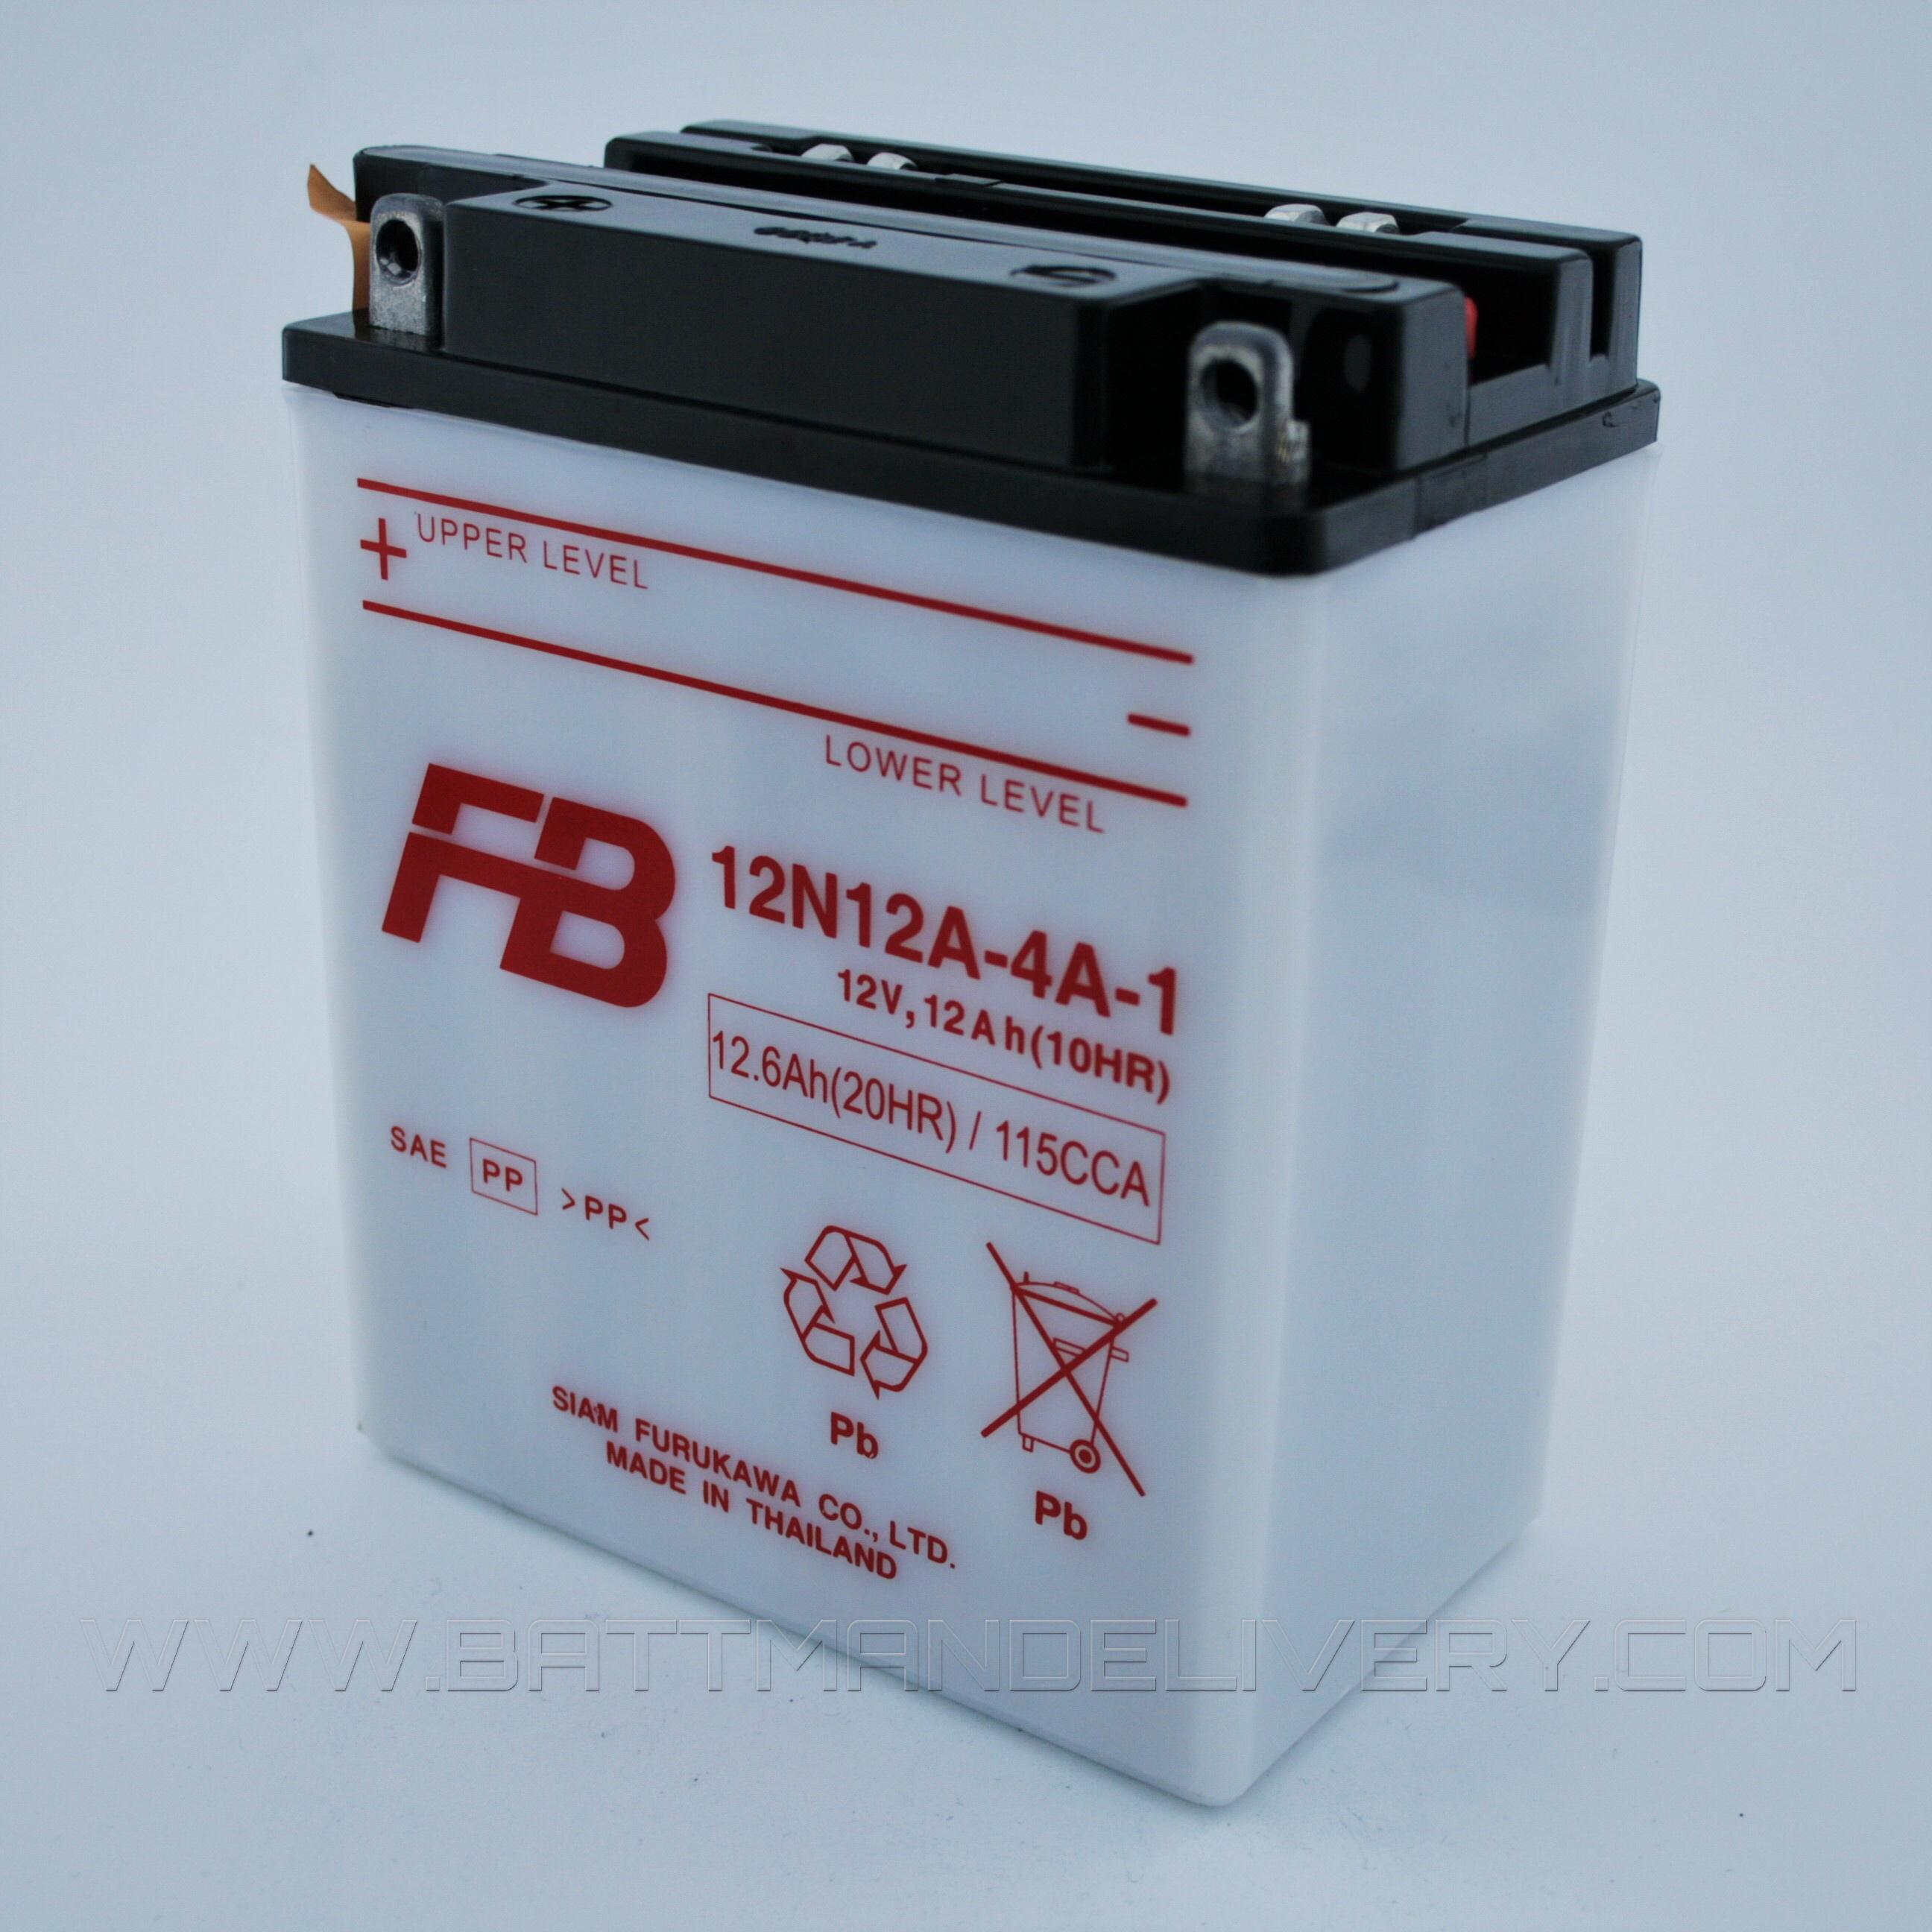 แบตเตอรี่มอเตอร์ไซค์ แบบน้ำ ยี่ห้อ FB รุ่น 12N12A-4A-1 (12V 12AH) สำหรับรถรุ่น CB400,CB500,CB550,DUCATI500,DUCATI750,DUCATI860,SR250,XS400,XJ650